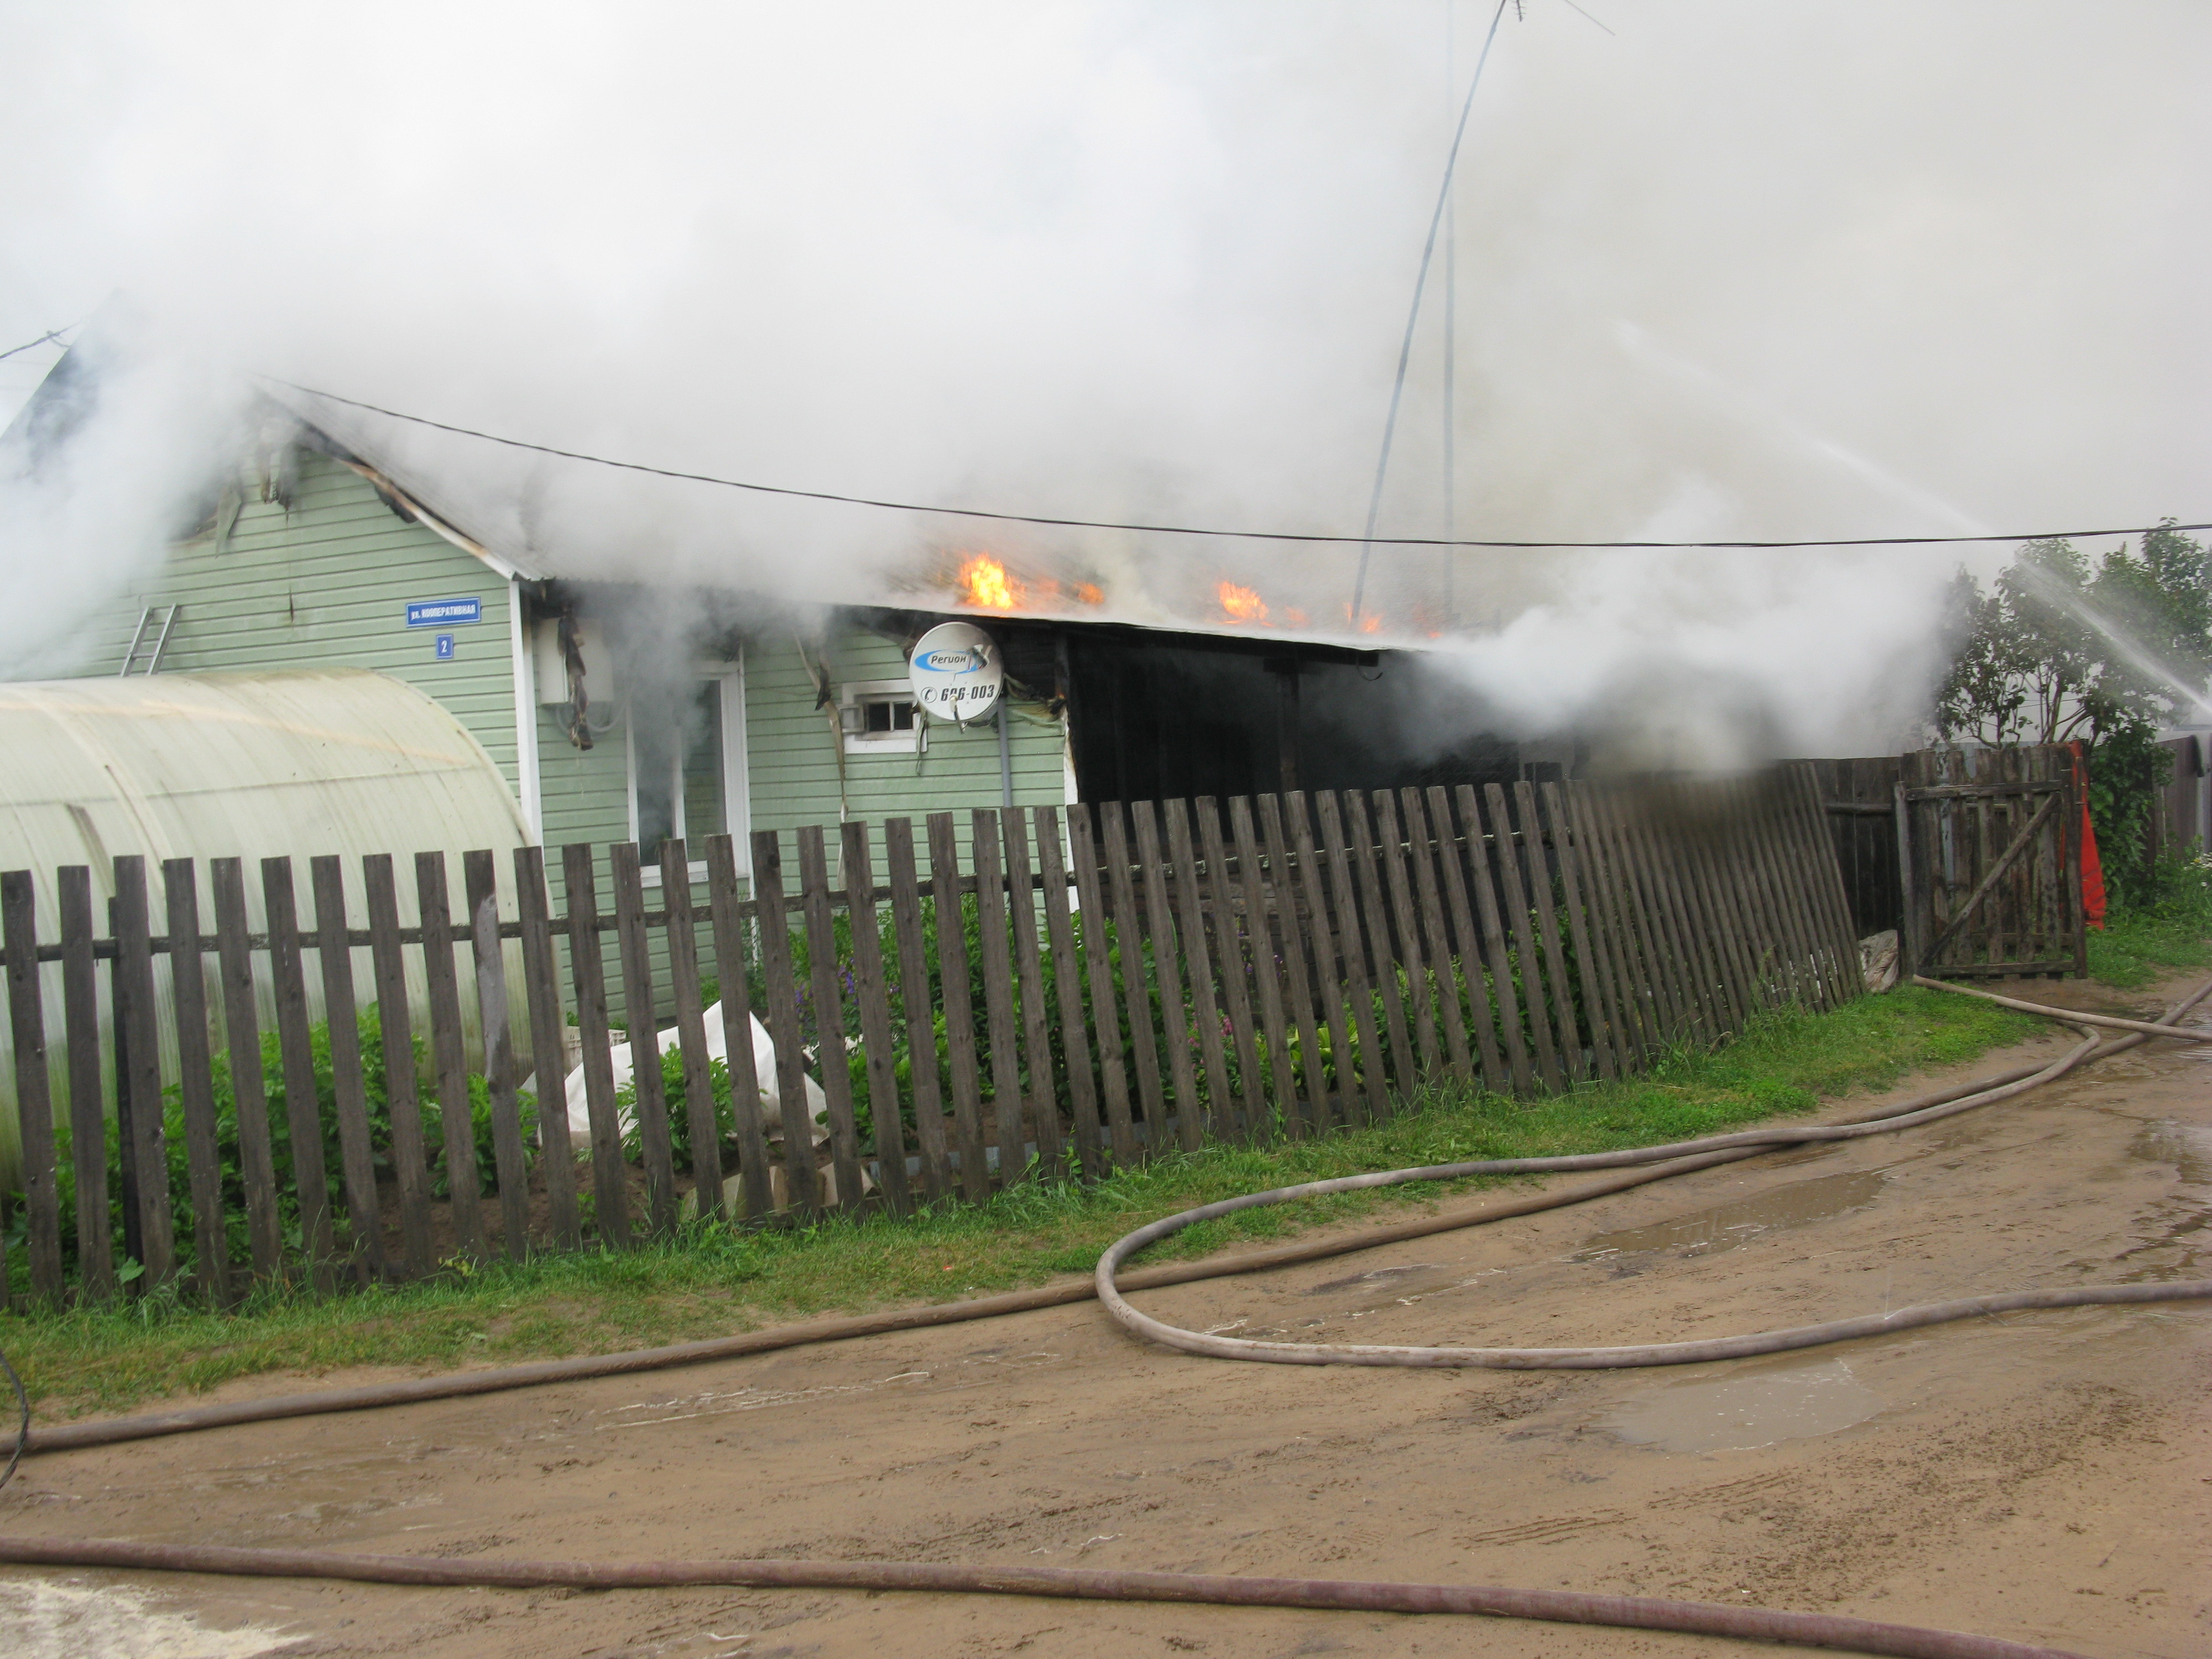 В Вологодской области 4-летний ребенок играл с огнем и сжег дом